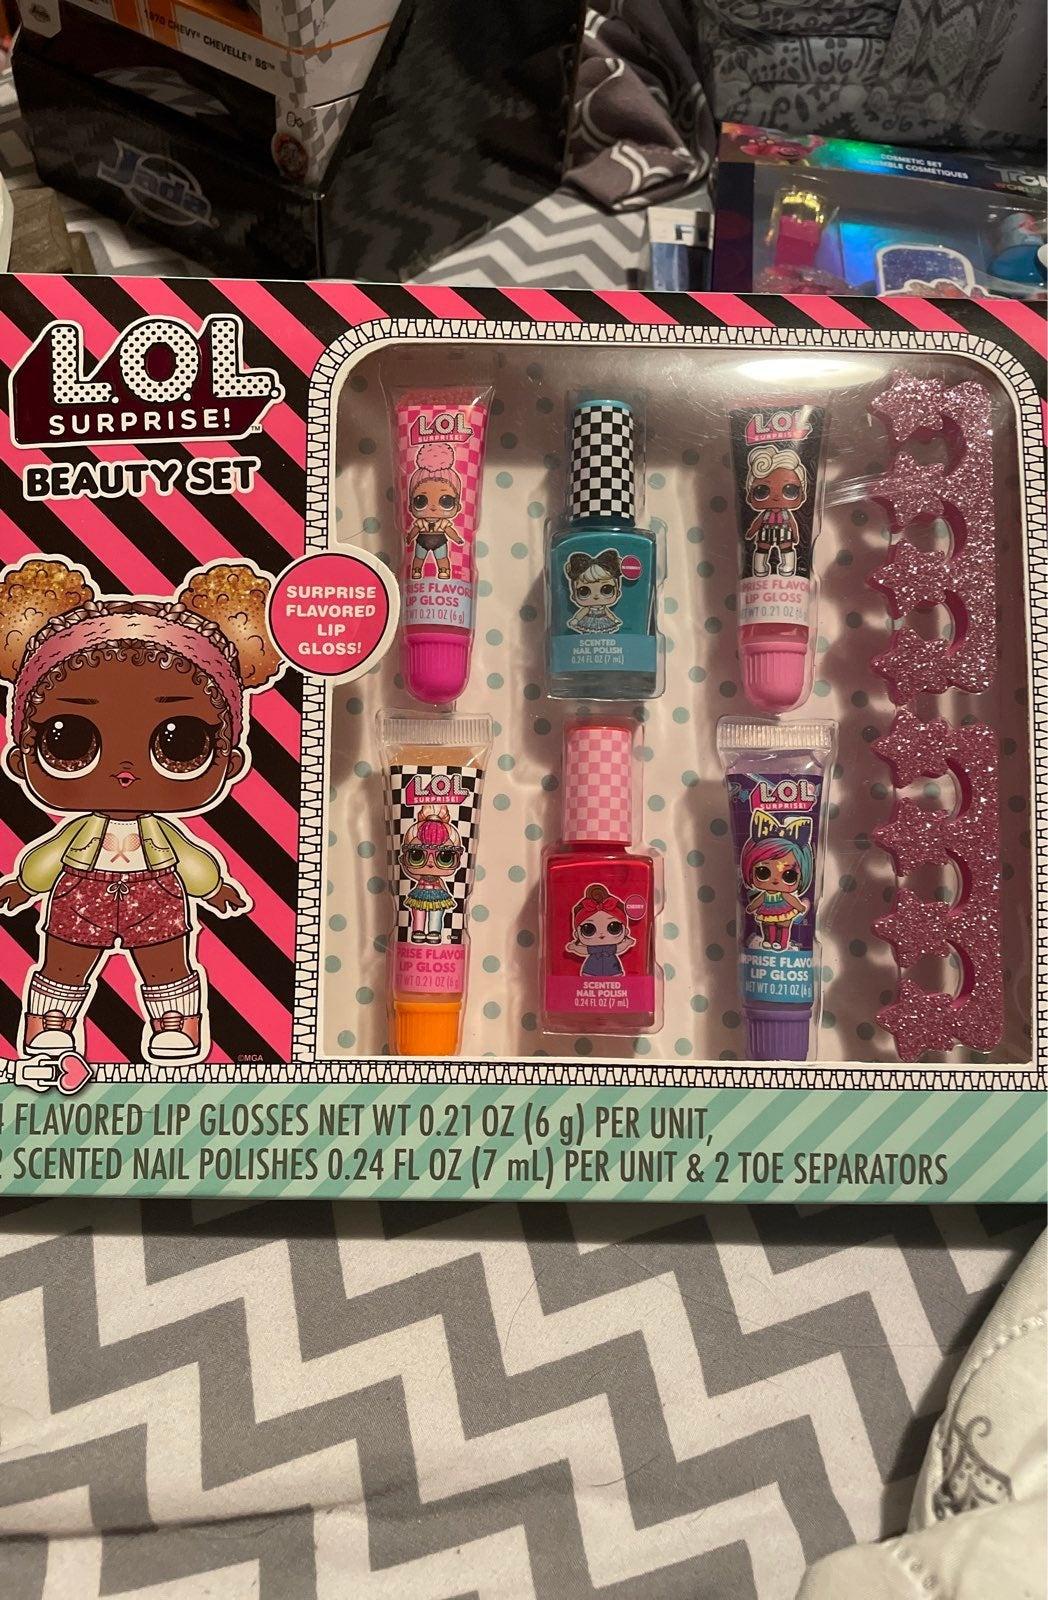 LOL Surprise beauty set